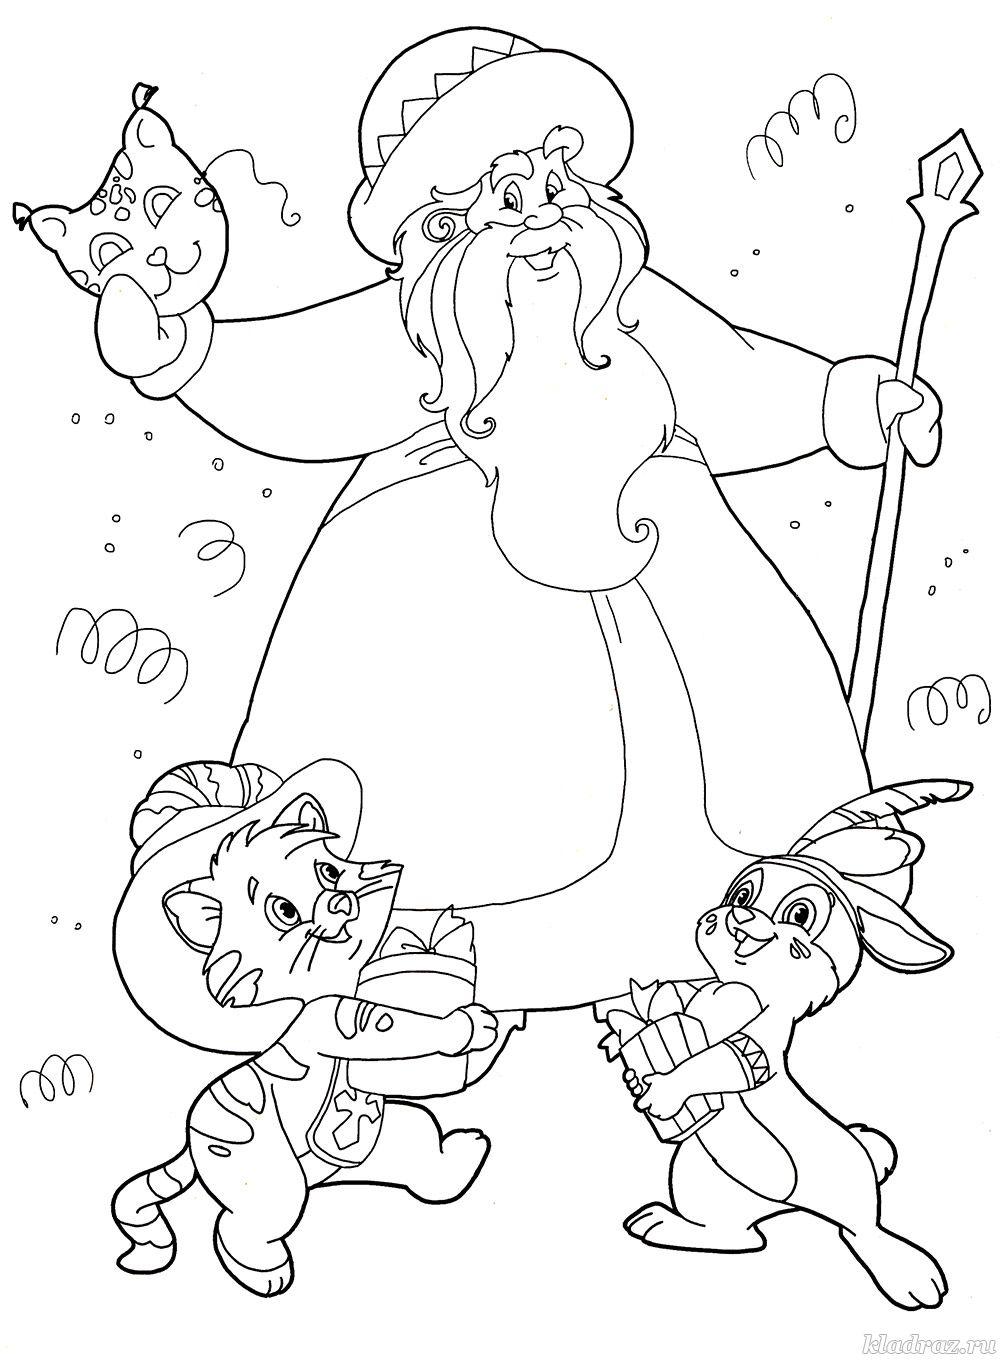 Новогодняя раскраска для детей 6-7 лет. Дед Мороз и звери